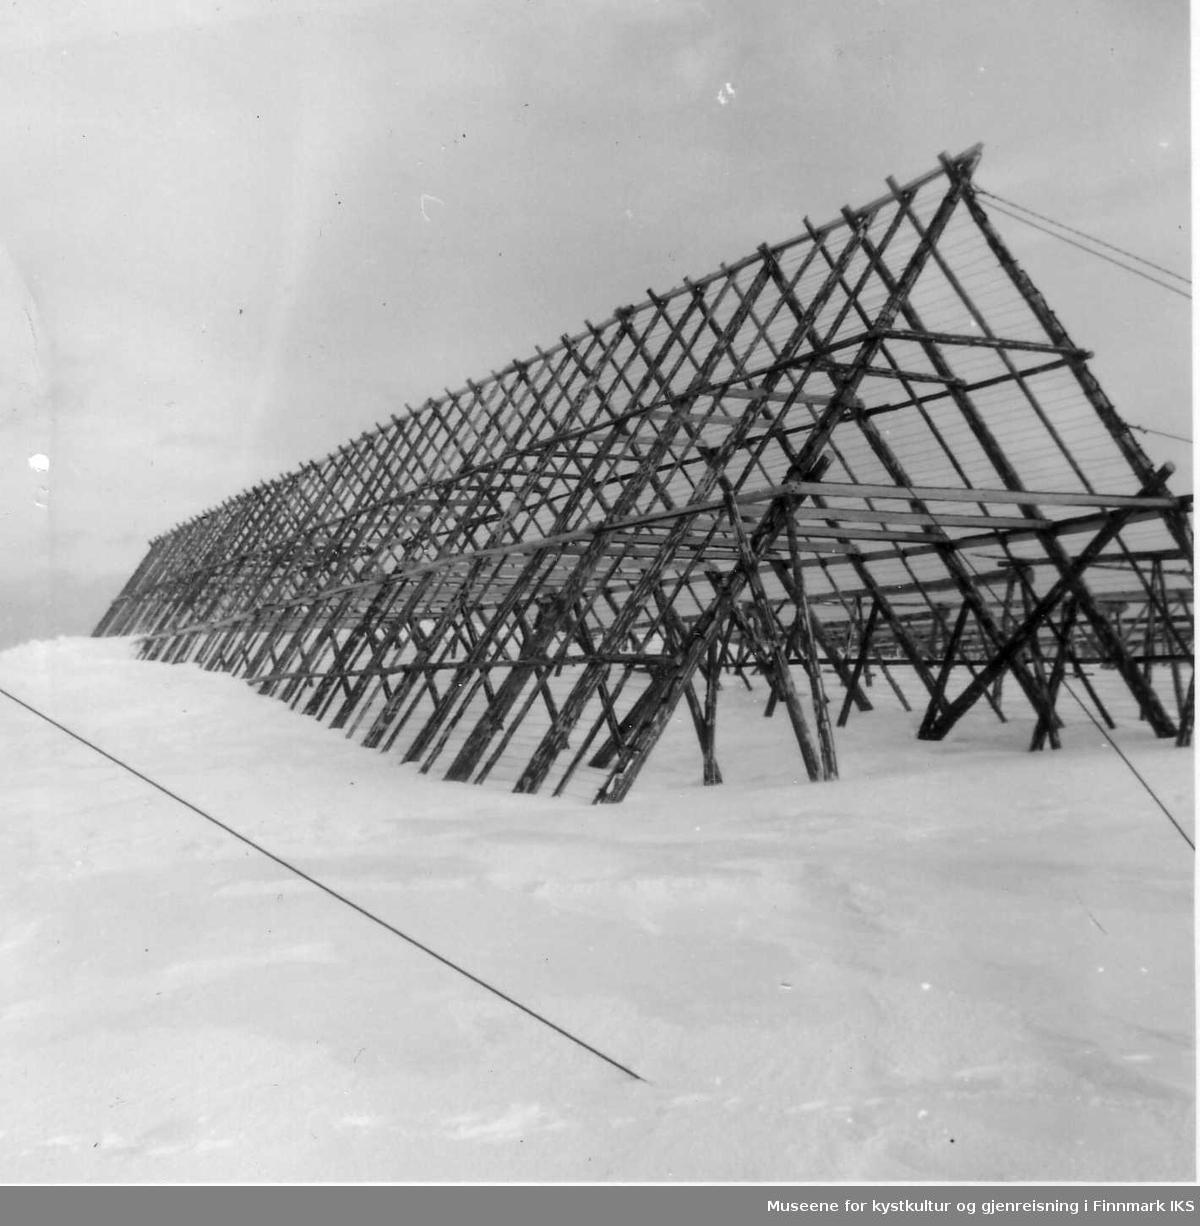 Thorleif Hammers seihesje på Iversenraet. Seihesjene var ca 9 m høye.  Dokumentasjon i forbindelse med ekspropriering i Berlevåg, 1952